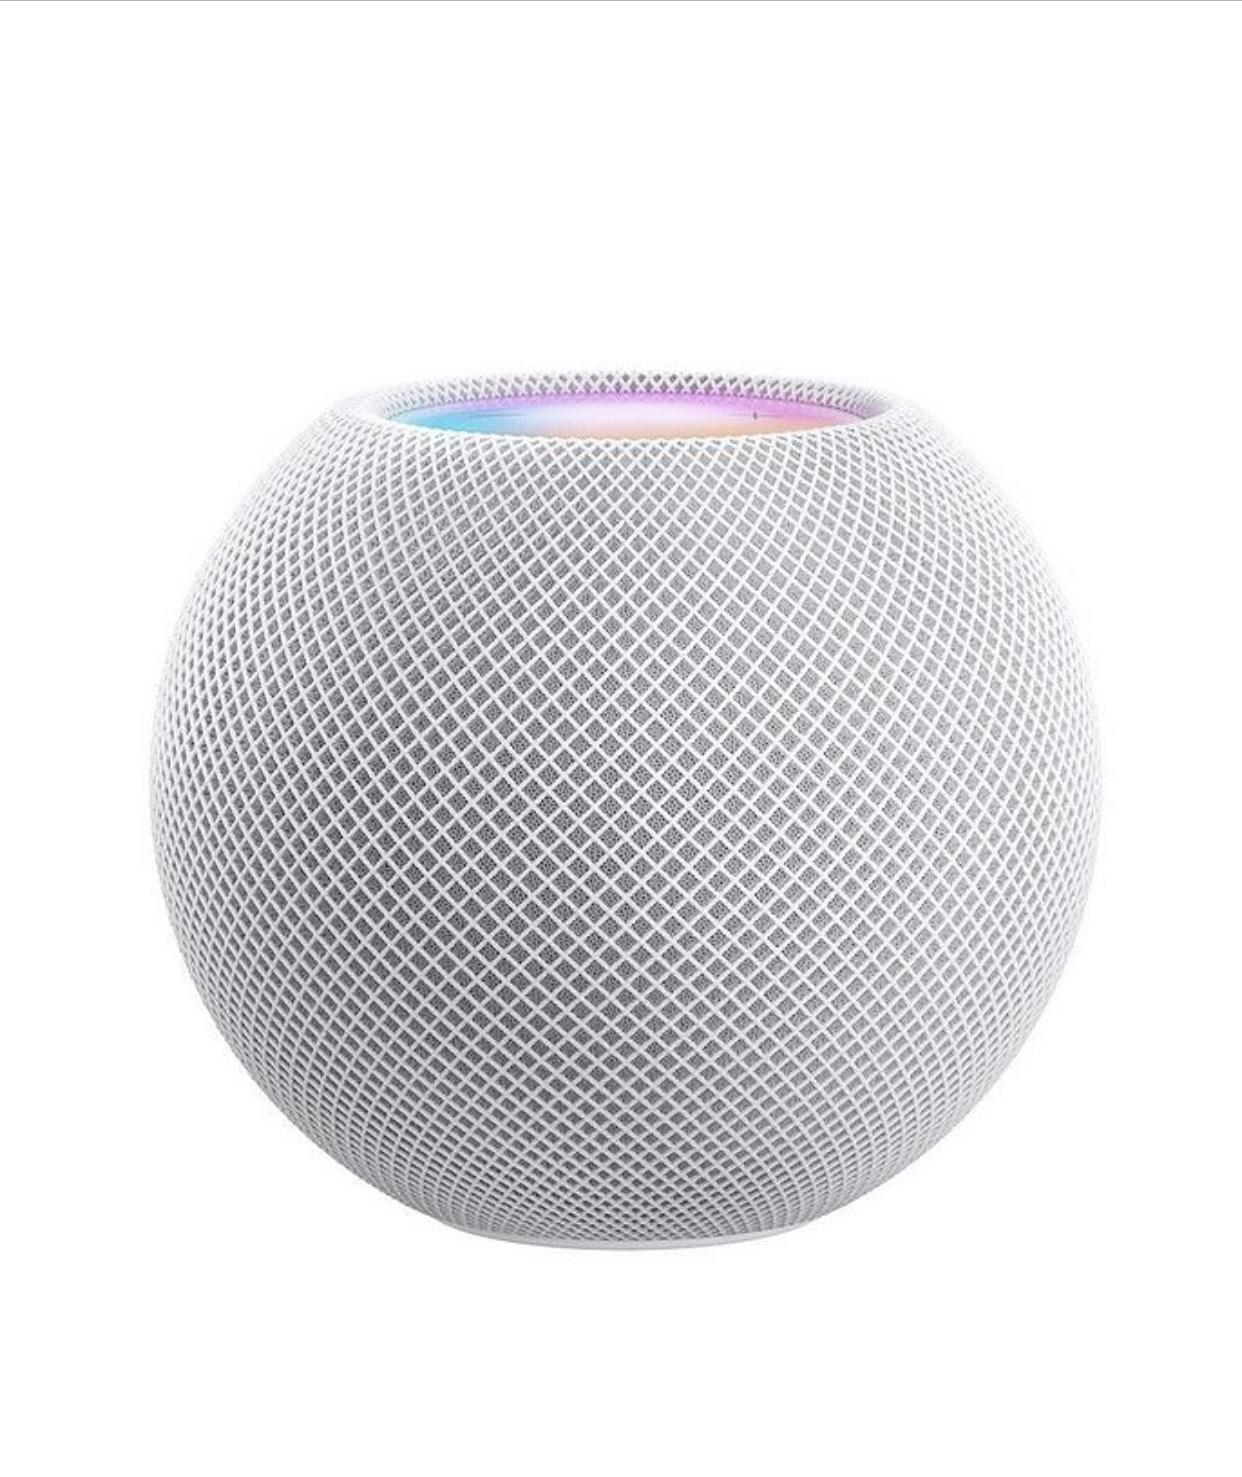 Apple HomePod mini Smart Speaker - White £93.99 delivered @ Very